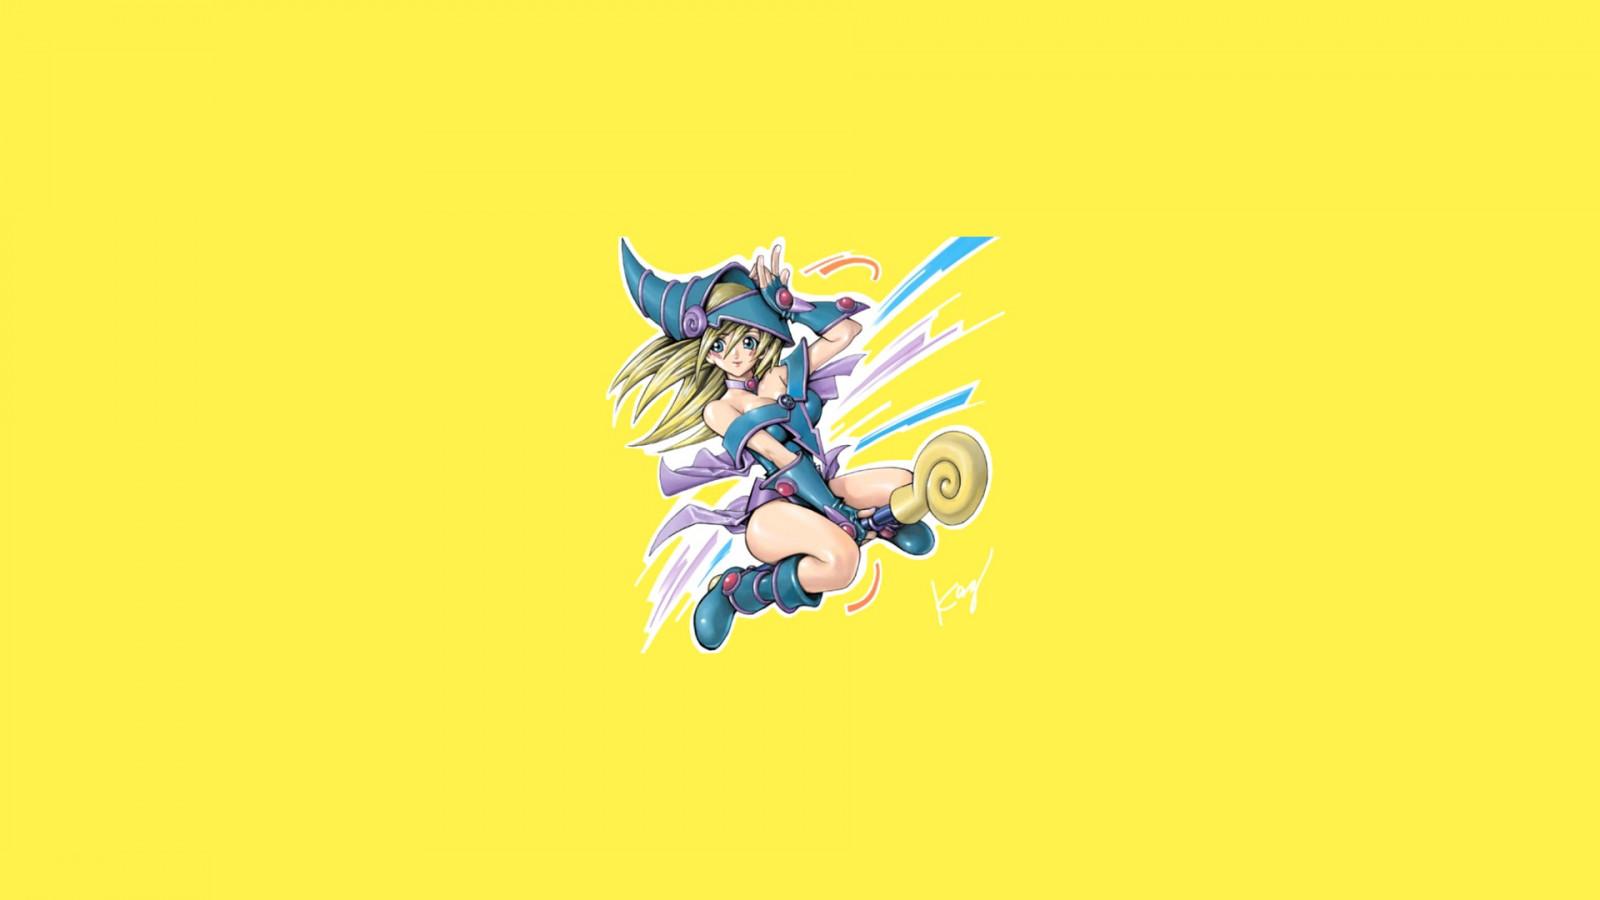 Sfondi illustrazione cartone animato drago yu gi oh